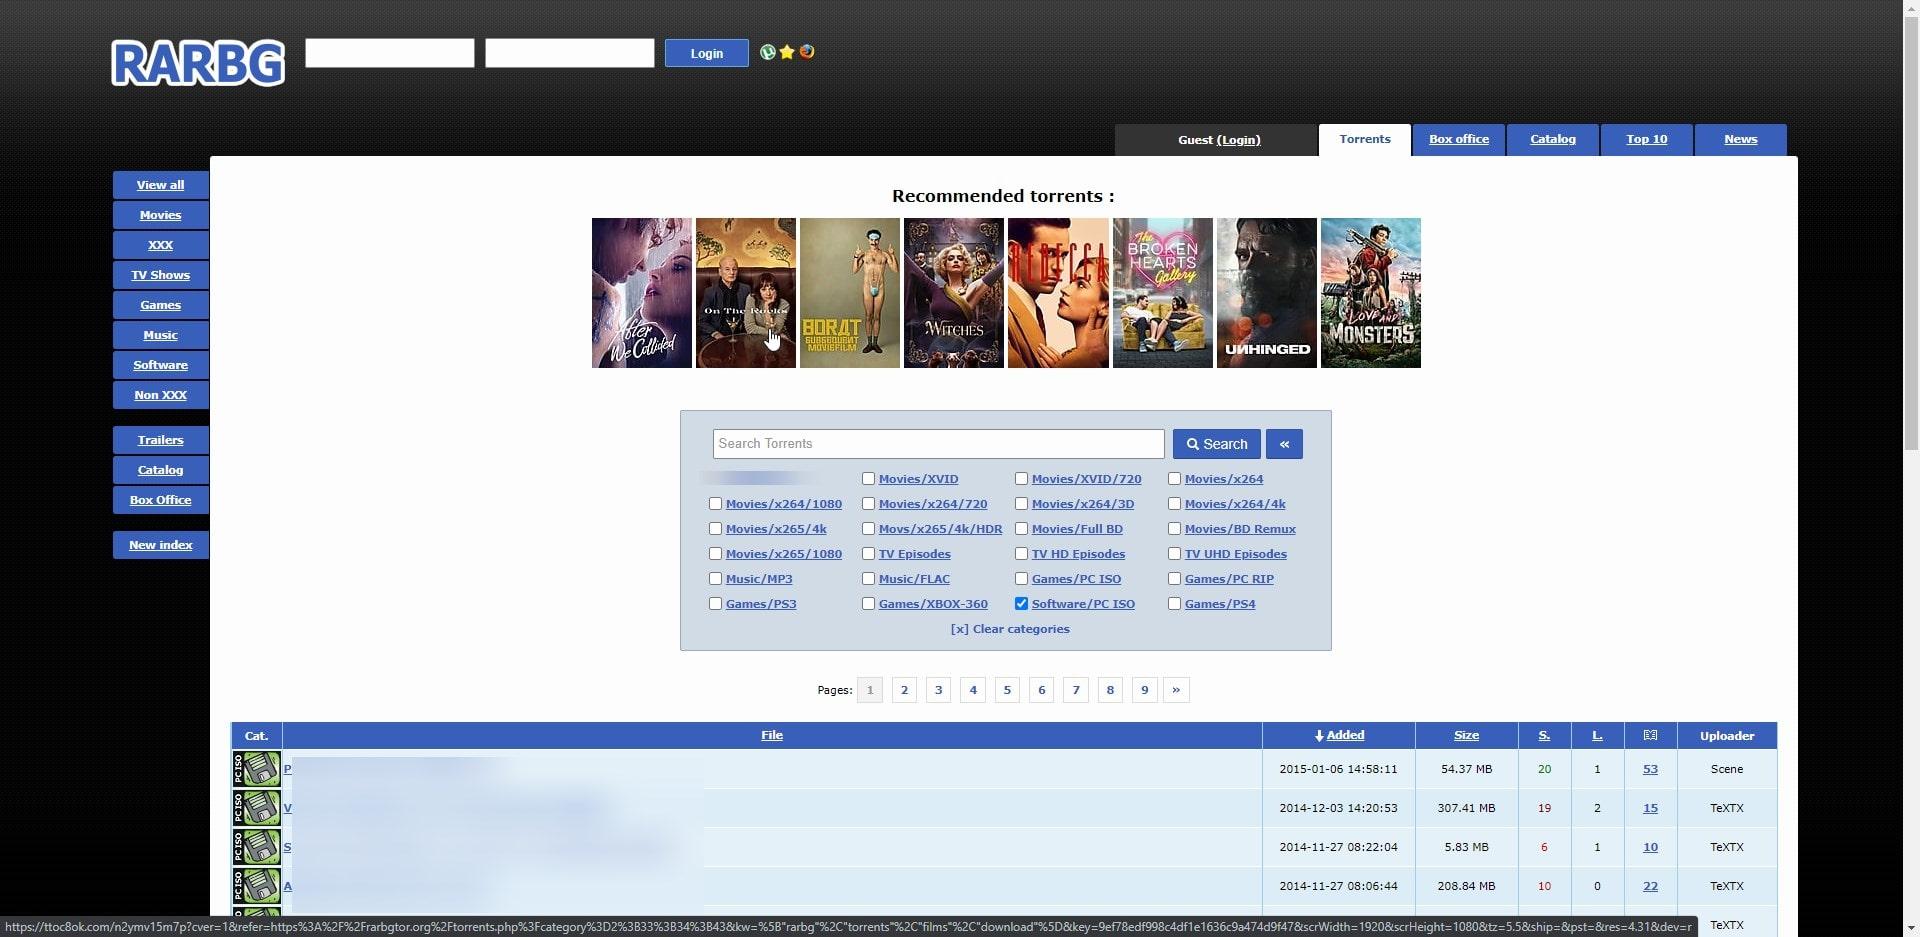 RARBG software Torrent 2020 website